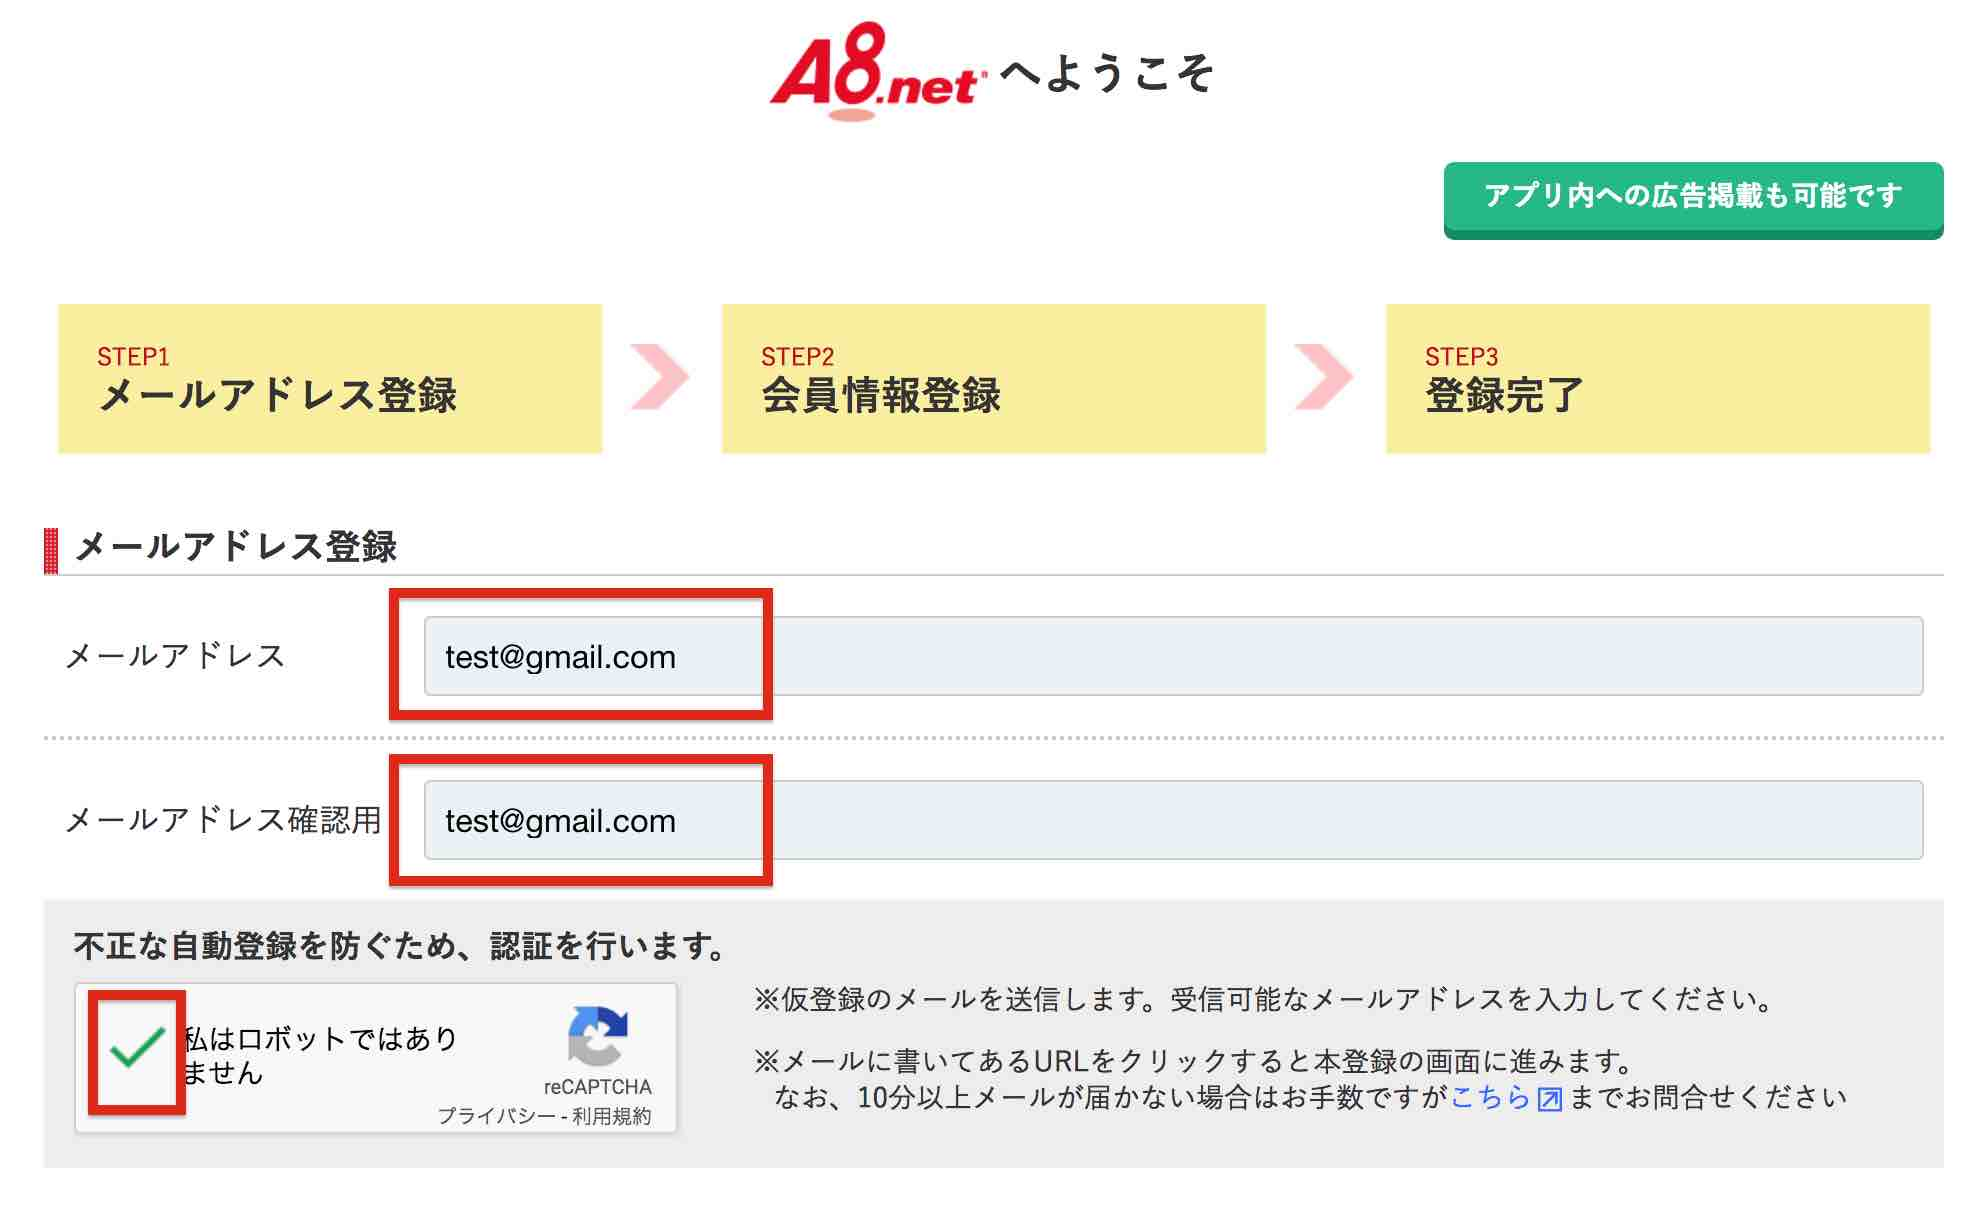 a8.net無料会員登録手順2